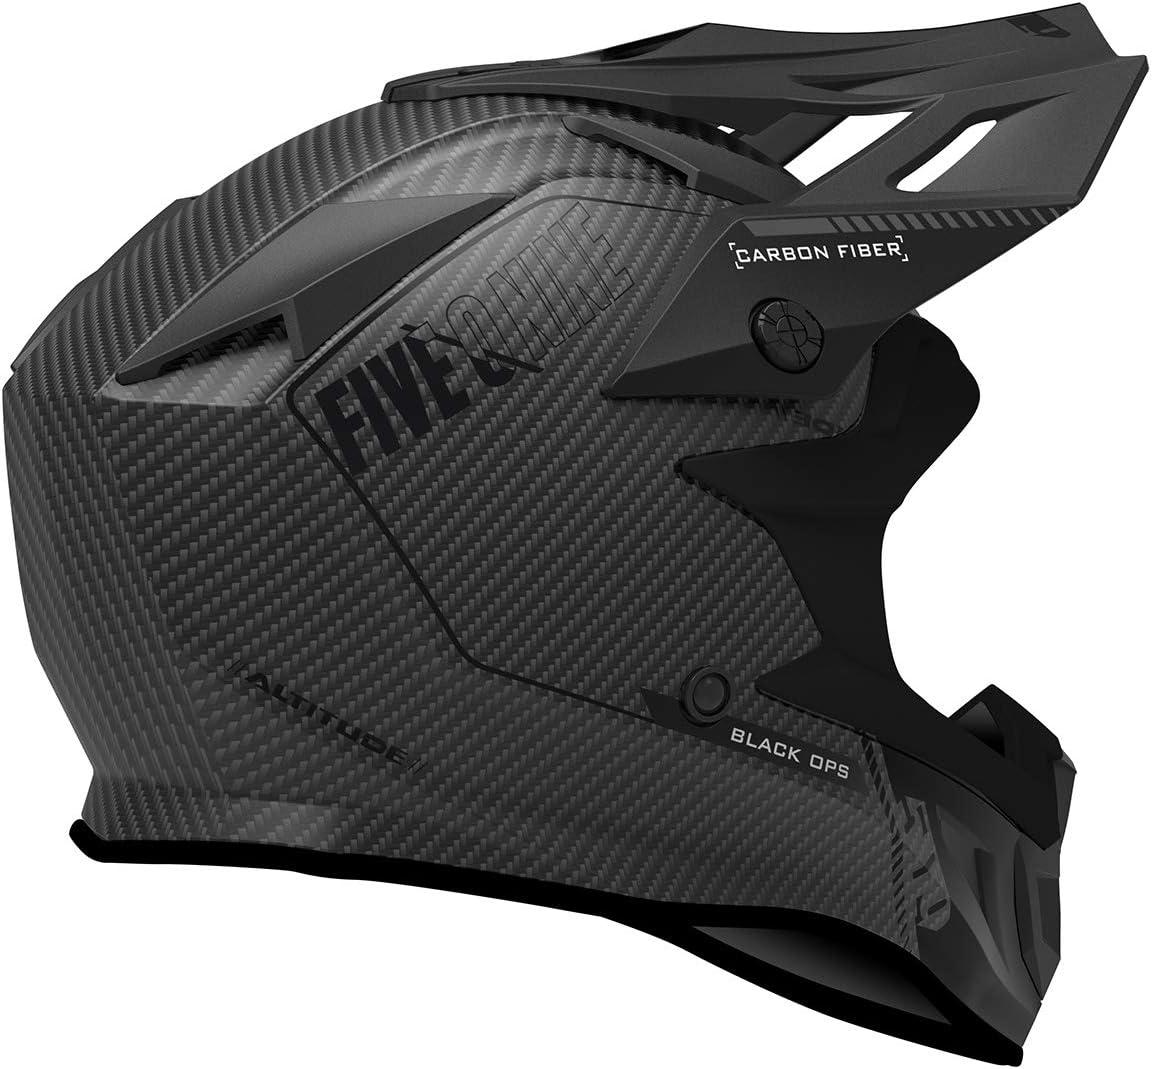 Black Ops Lime - 2X-Large 509 Altitude Carbon Fiber 3K Helmet with Fidlock